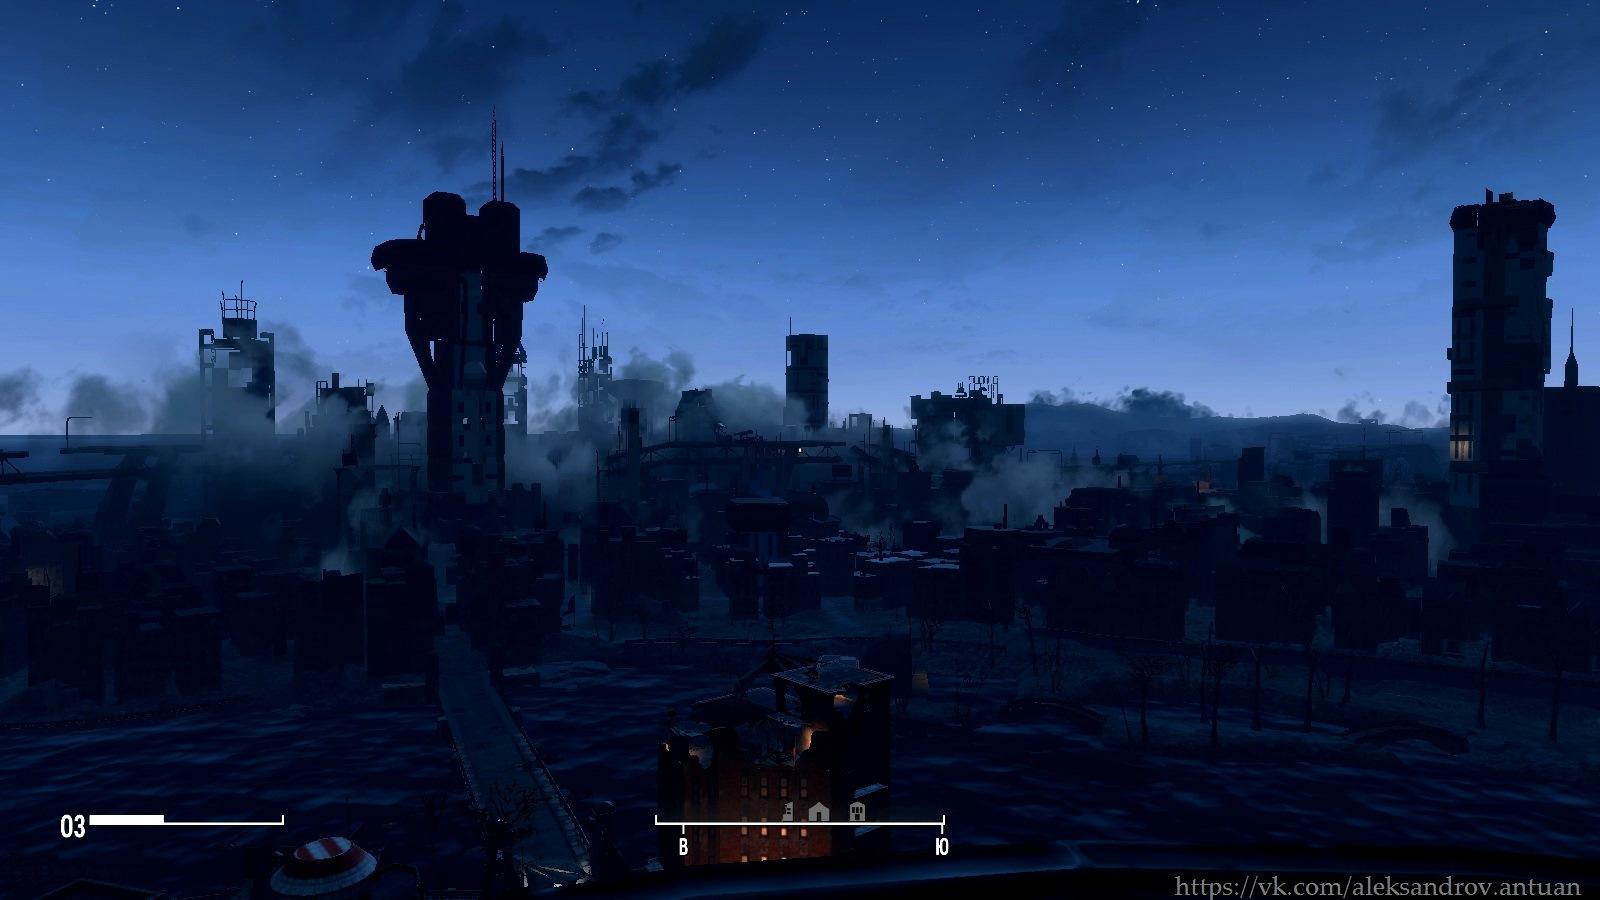 Вид на Бостон с высоты птичьего полёта. Ну или, с высоты виадука. :-) - Fallout 4 Бостон, виадук